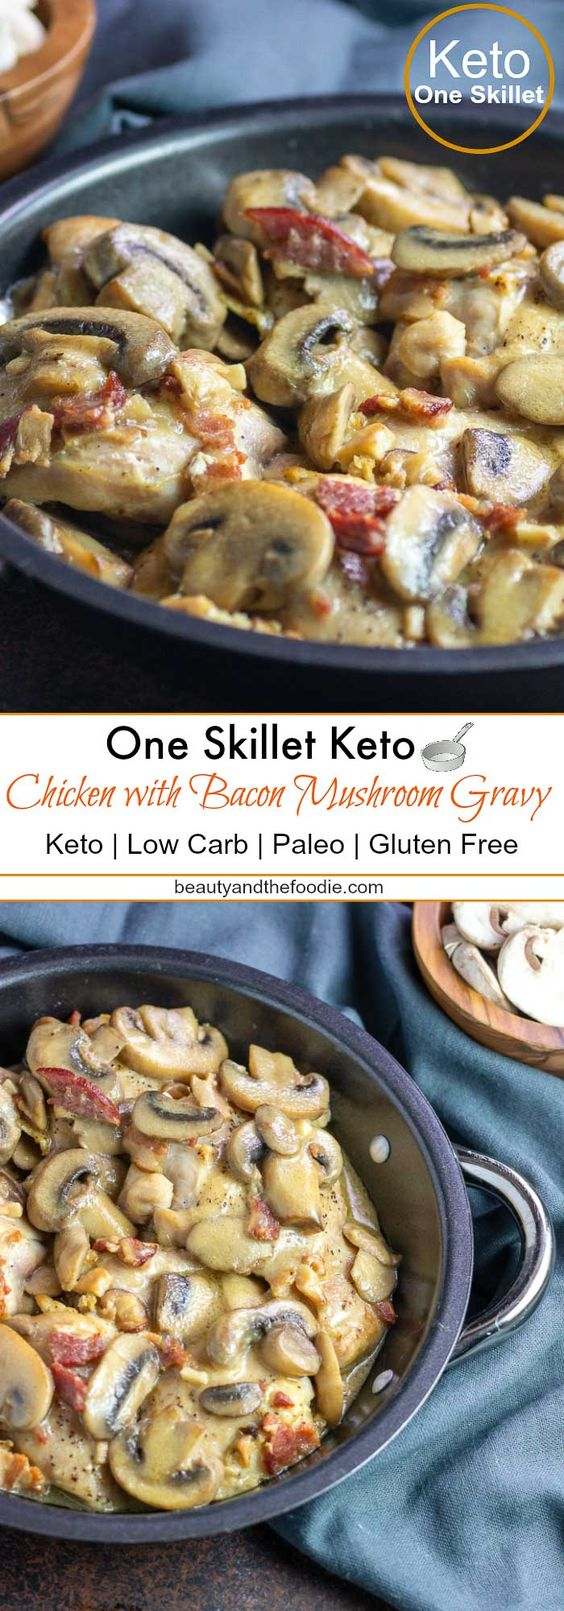 One-Skillet Keto Chicken with Bacon Mushroom Gravy - Keto Mushroom recipes